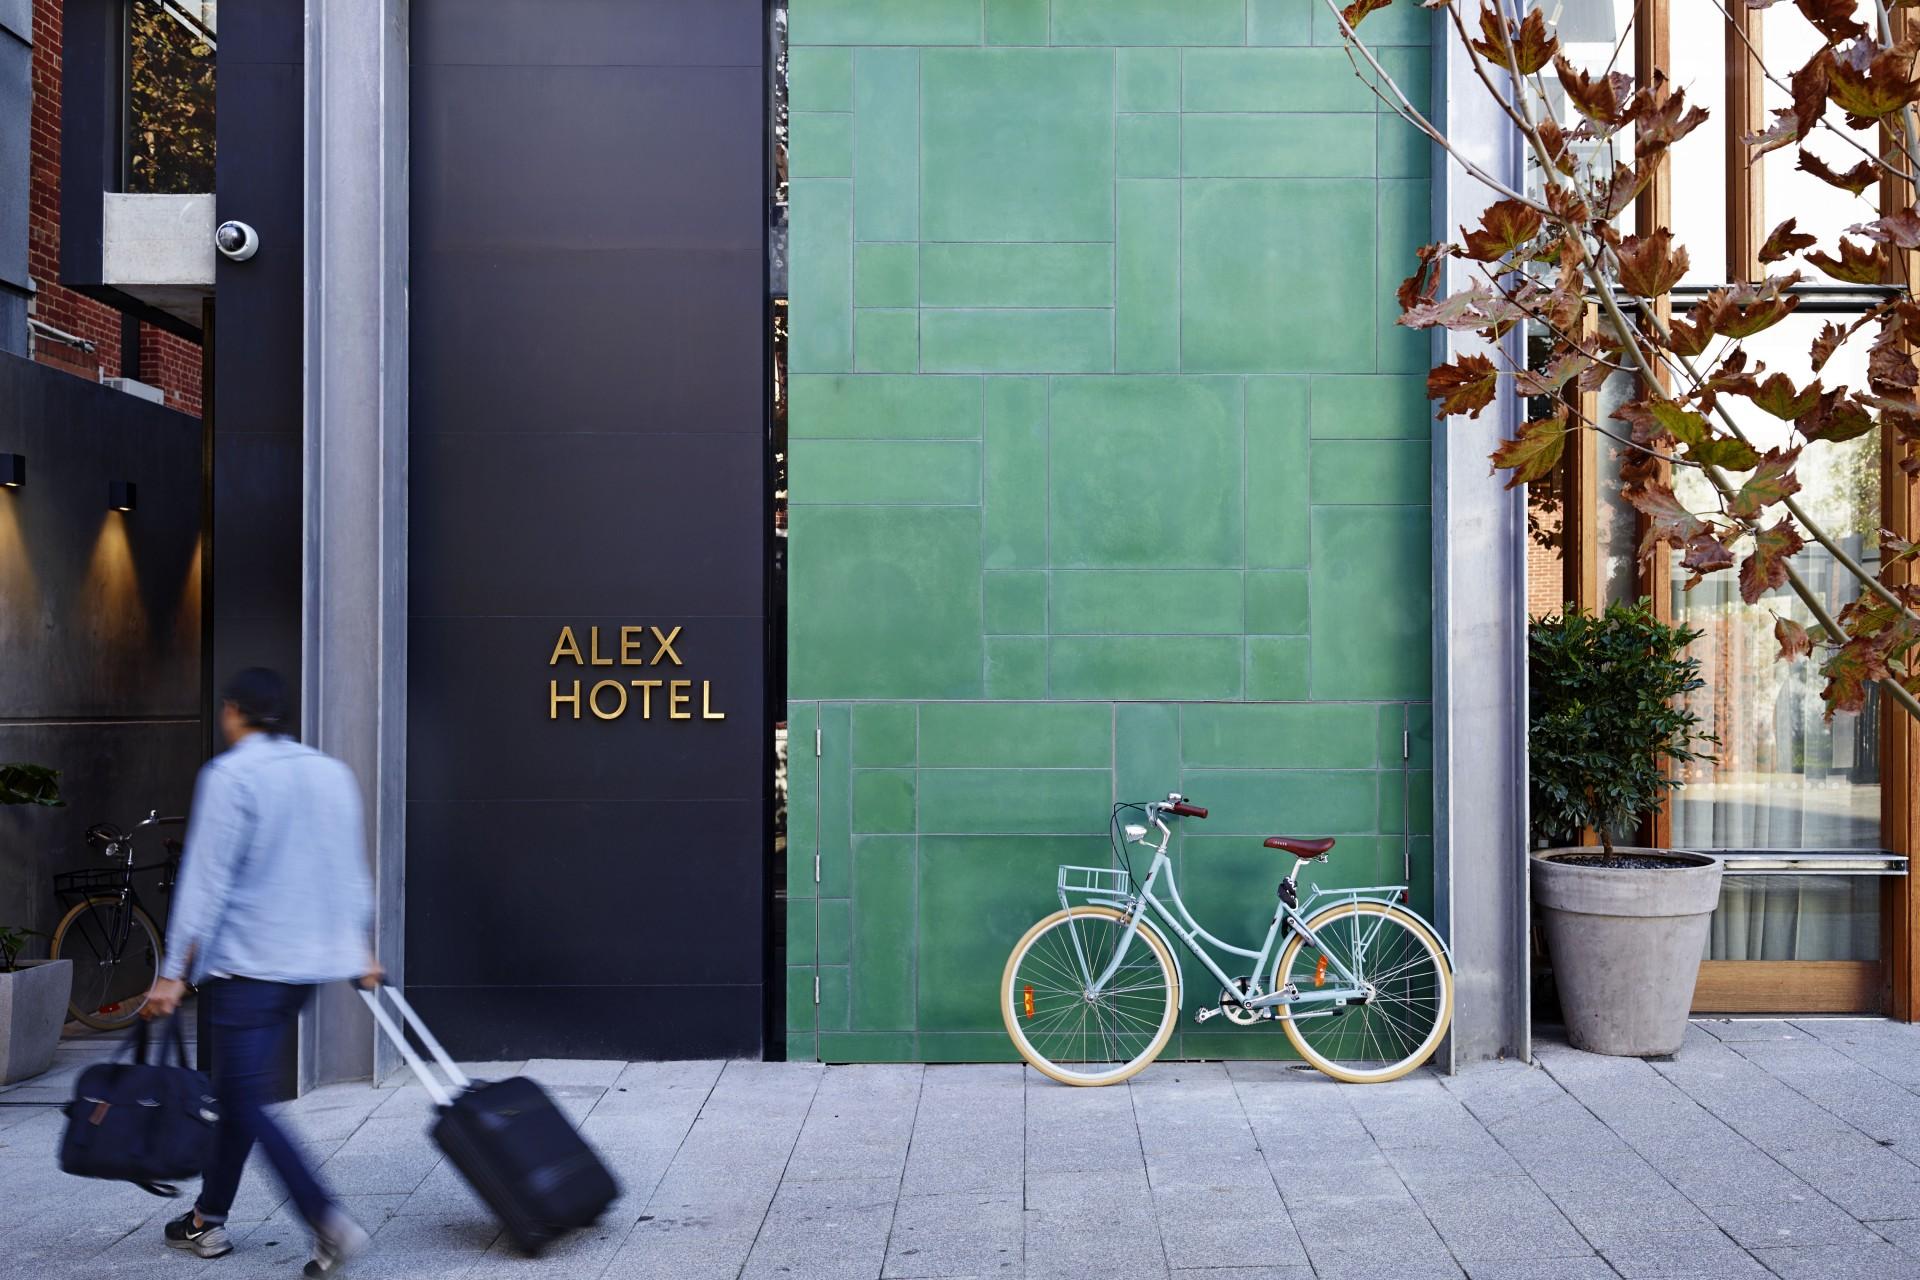 Reception_Alex_Hotel_250515_79308-e1434526881264